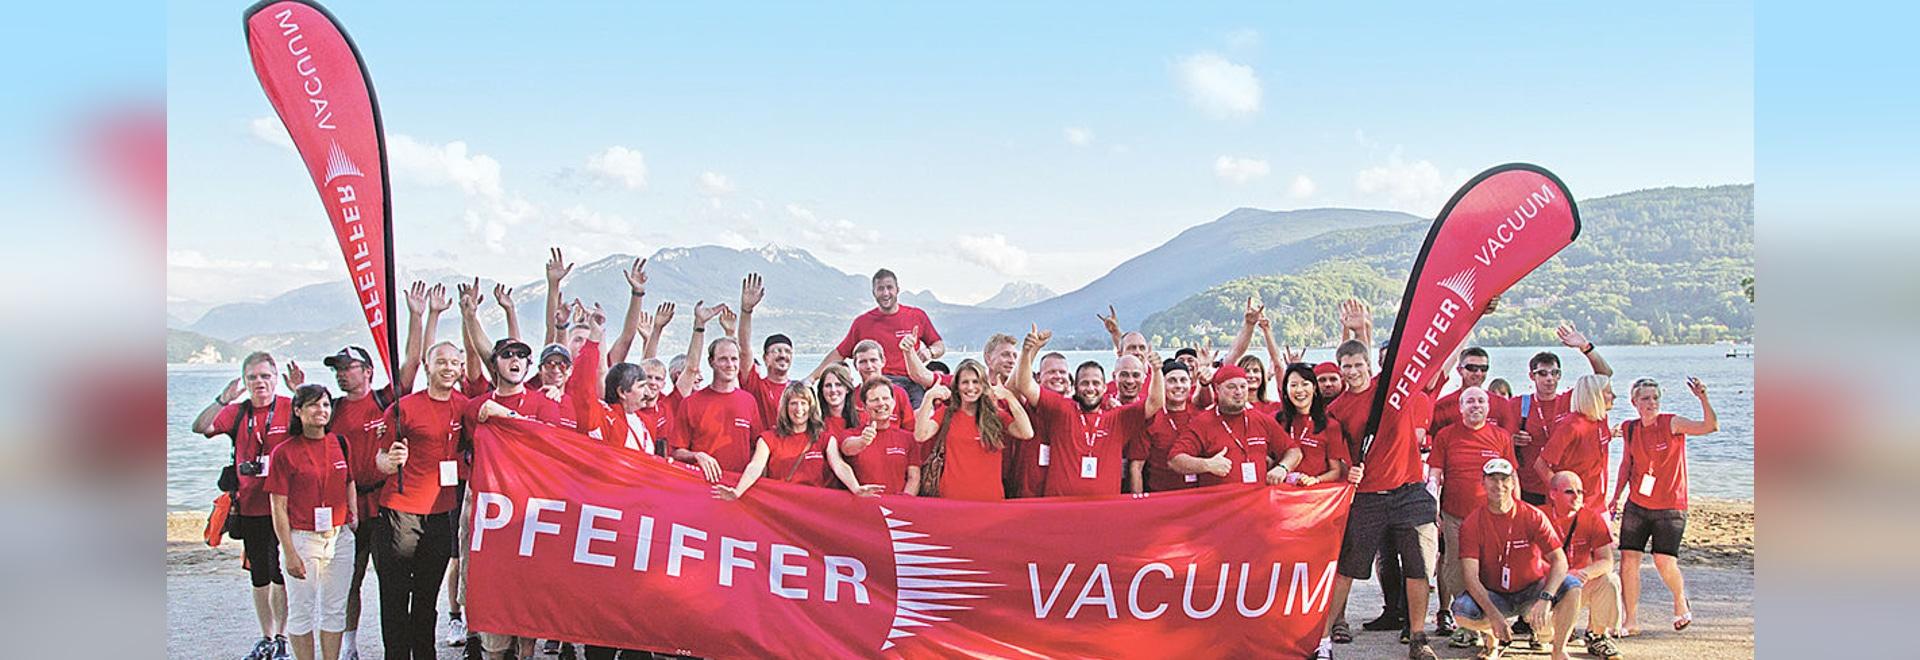 Pfeiffer Vacuum participates in World Corporate Games